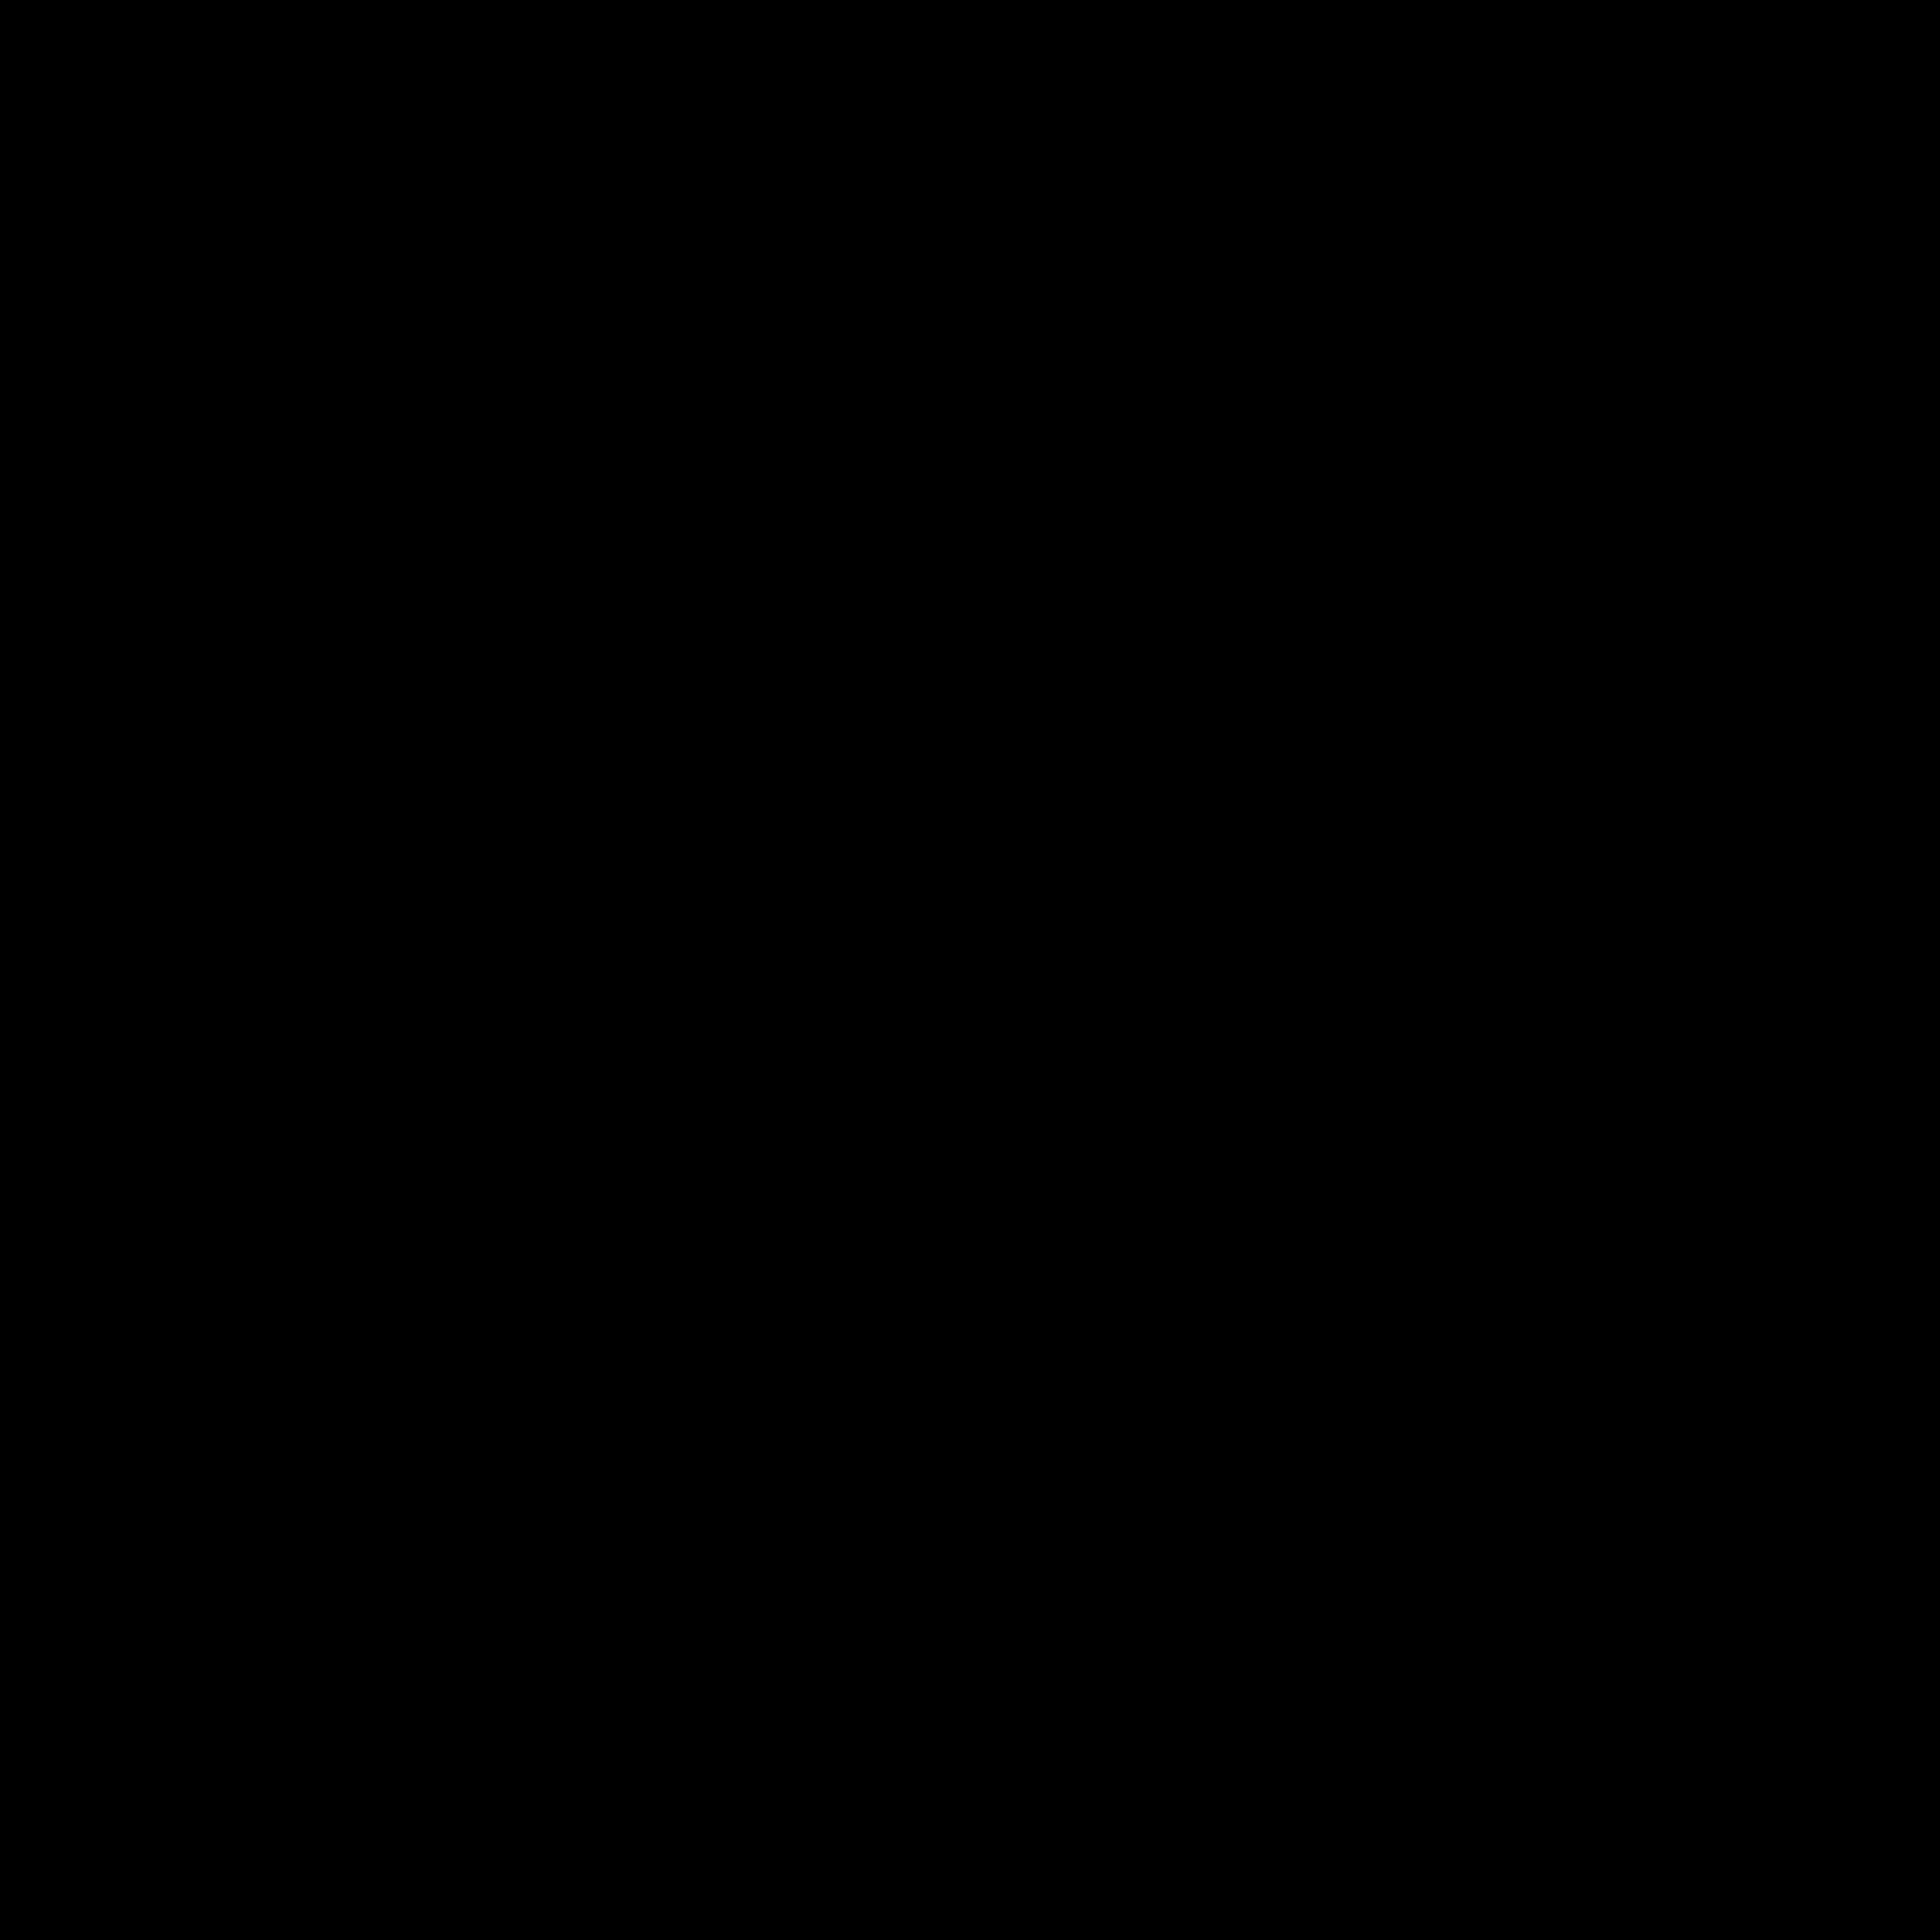 EB8-B5-E17-CA9-D-45-A0-9-A66-8-FE7-CE6-EB1-B2.png